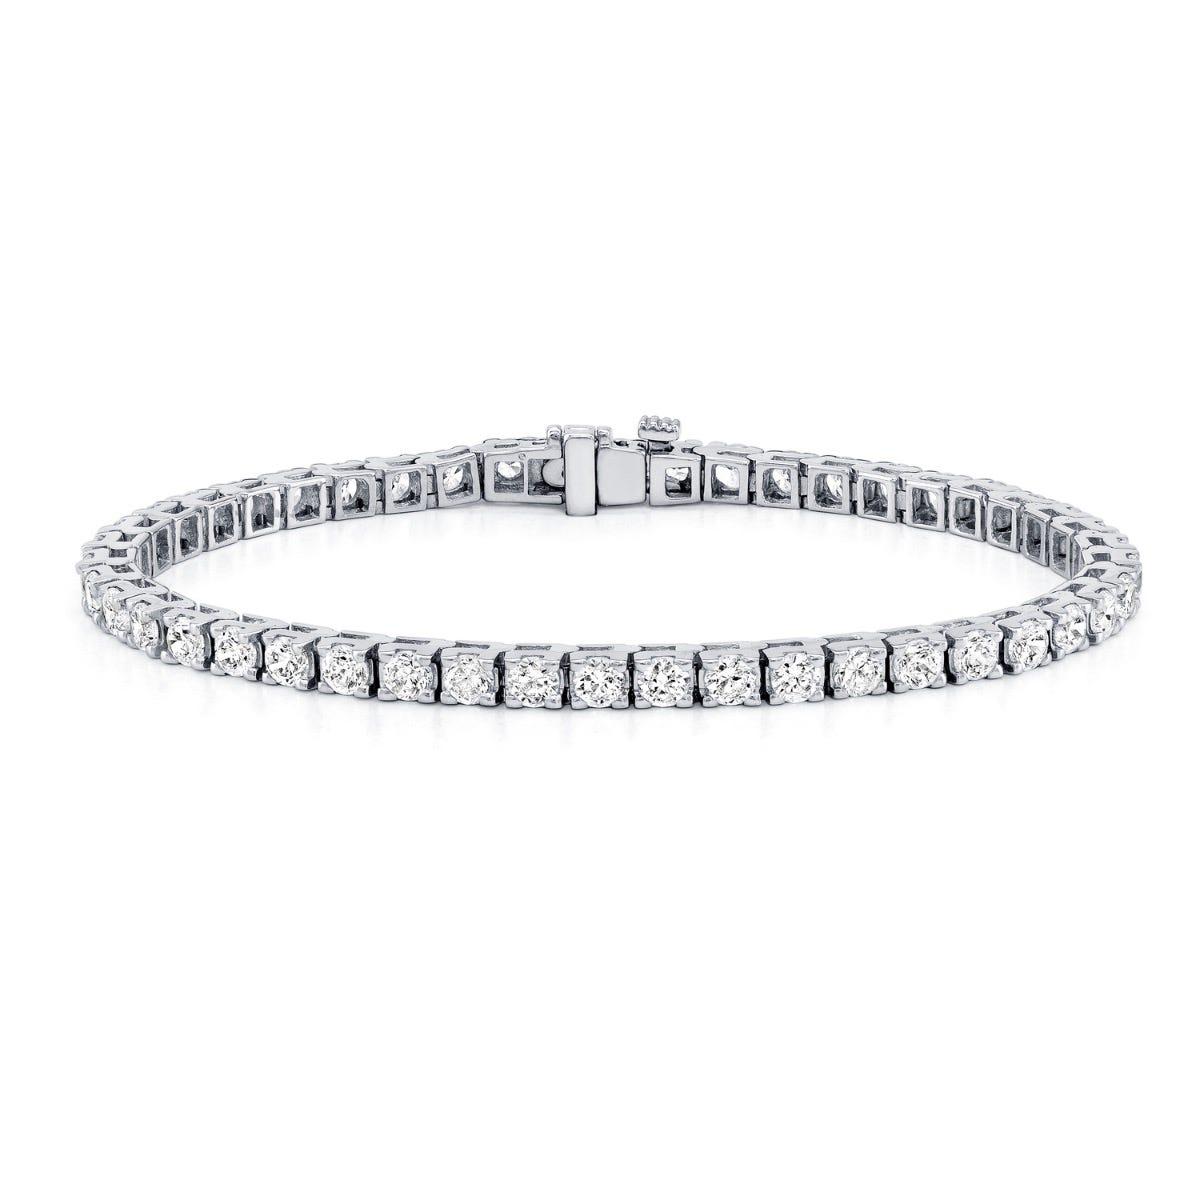 6ctw. 4-Prong Square Link Diamond Tennis Bracelet in 14K White Gold (HI, VS1-VS2)